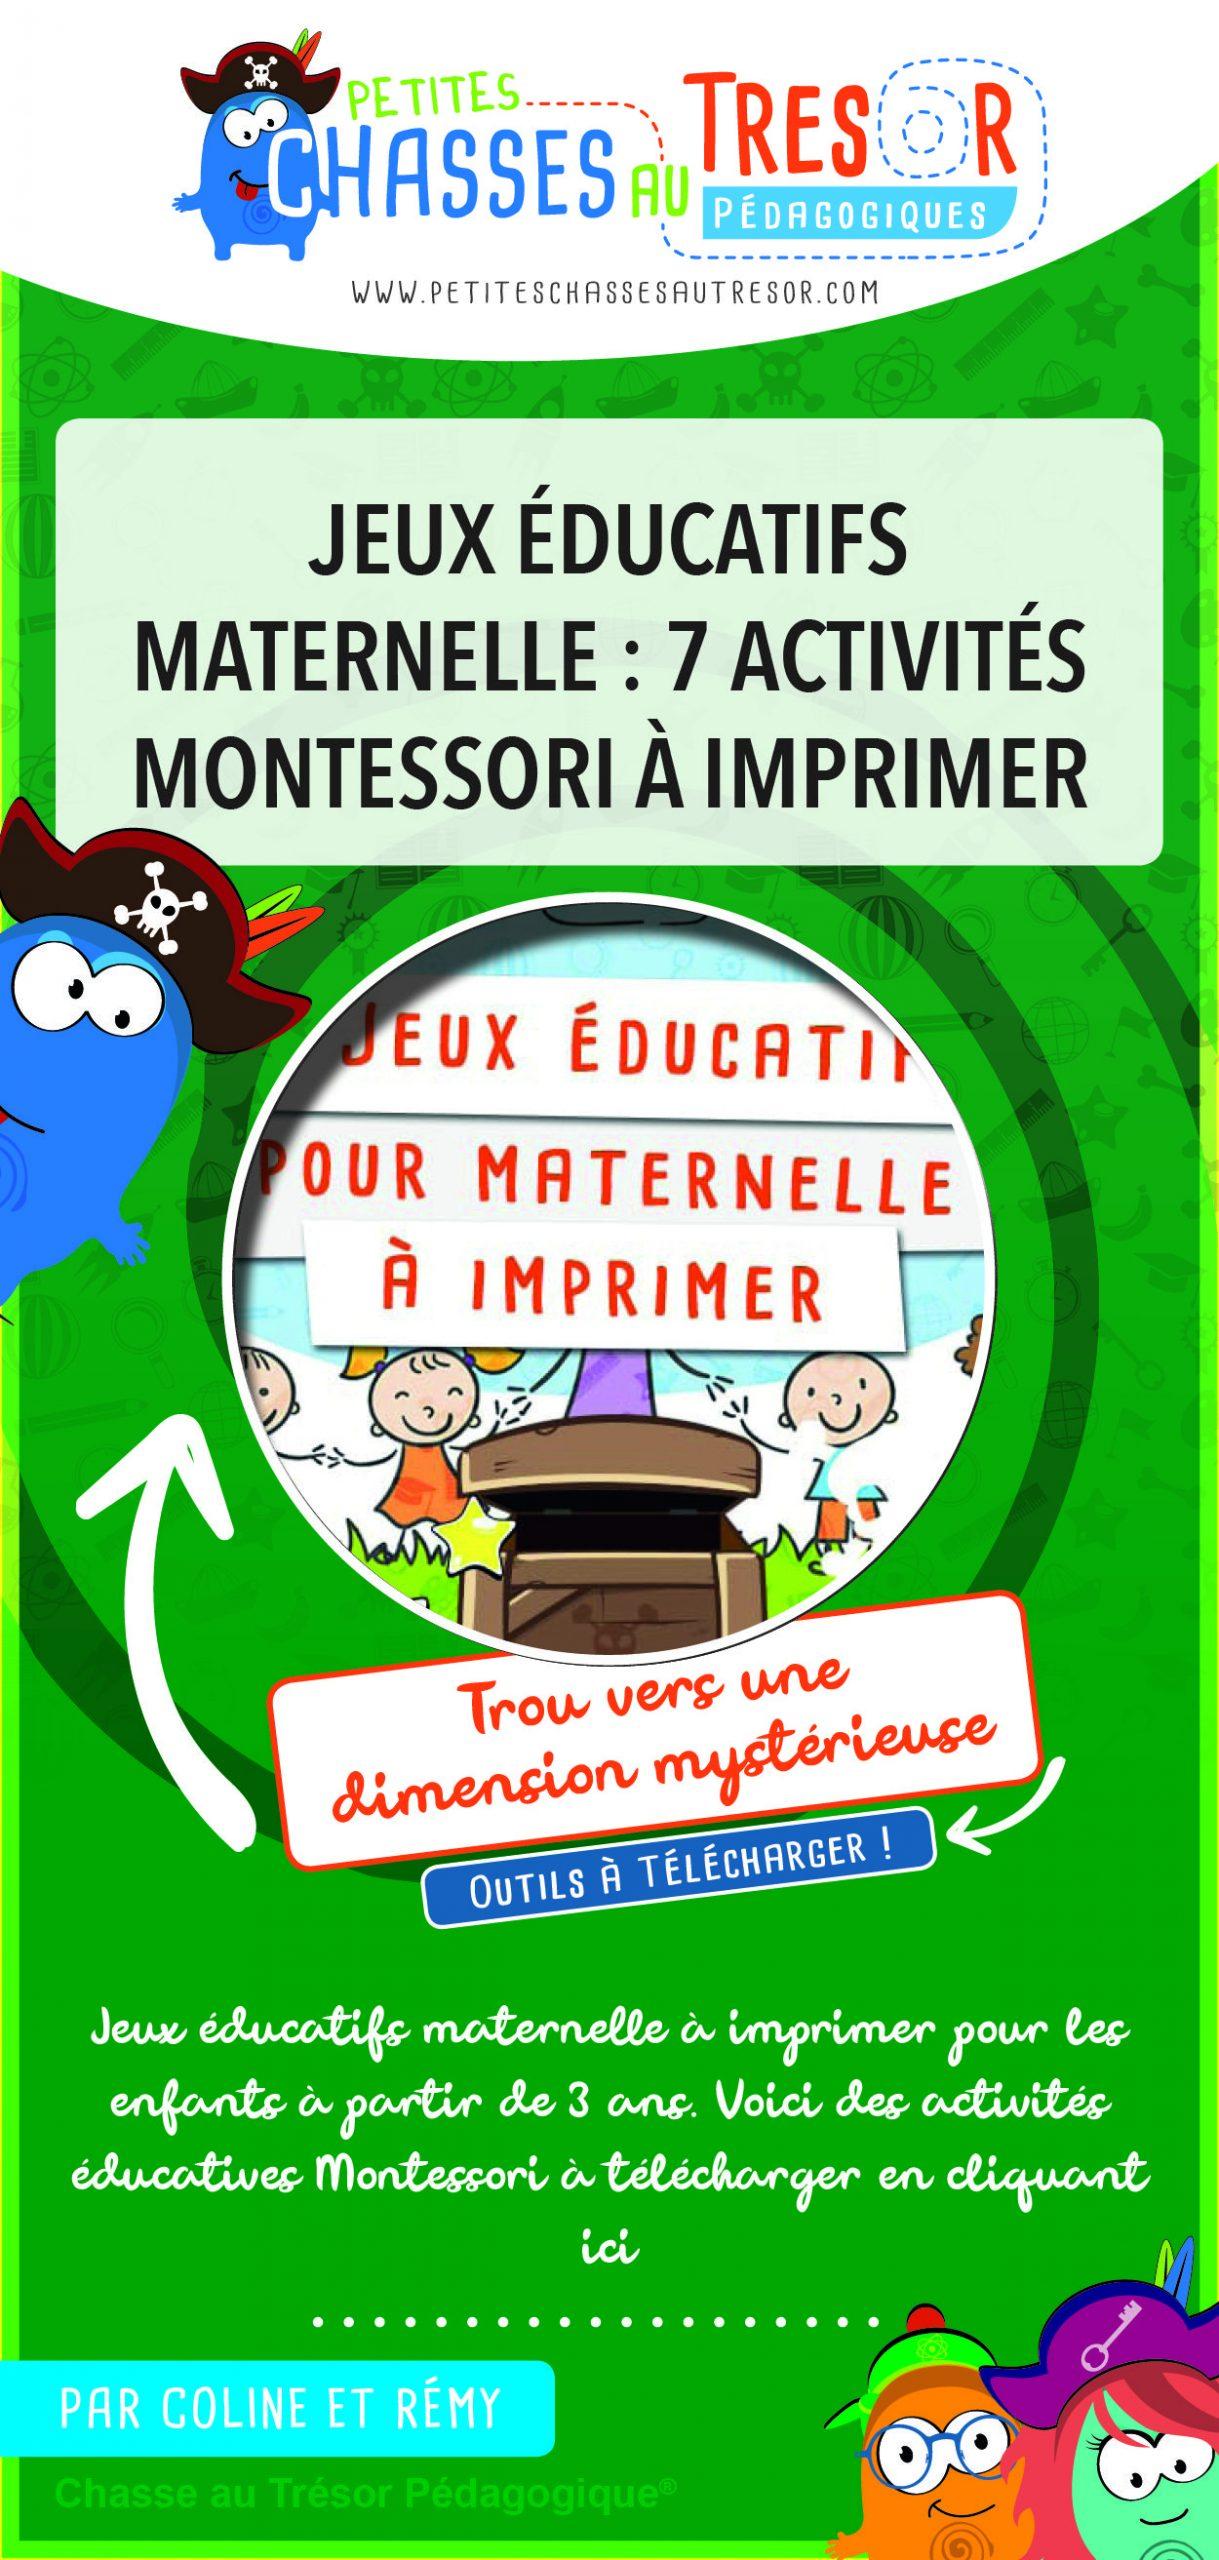 Jeux Éducatifs Maternelle : 7 Activités Montessori À dedans Jeux À Imprimer 3 Ans